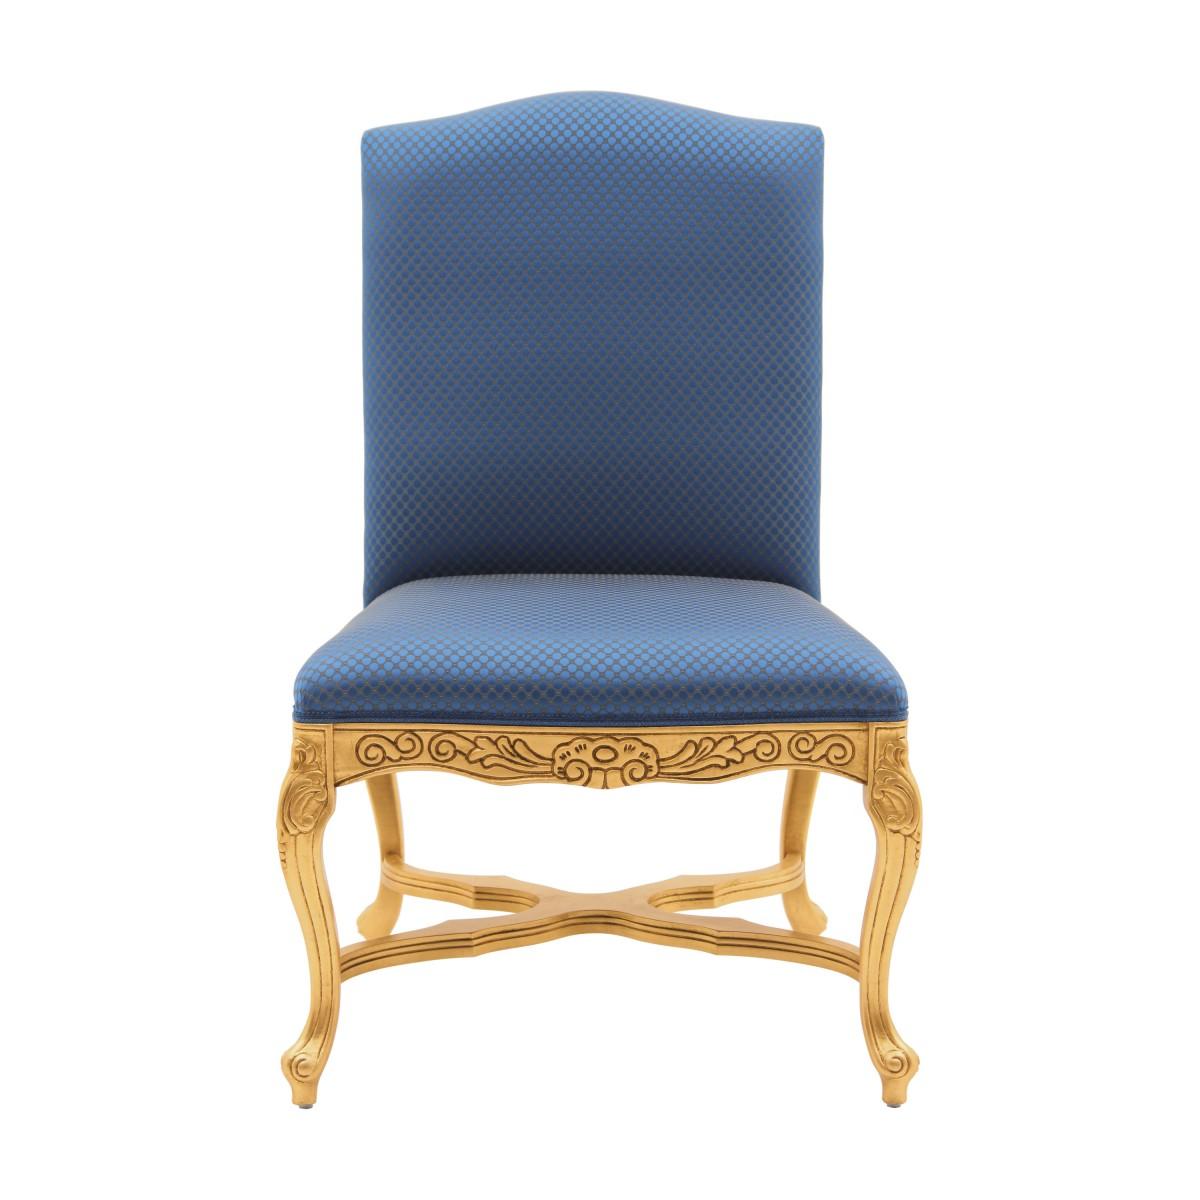 Chair Imperiale - Sevensedie